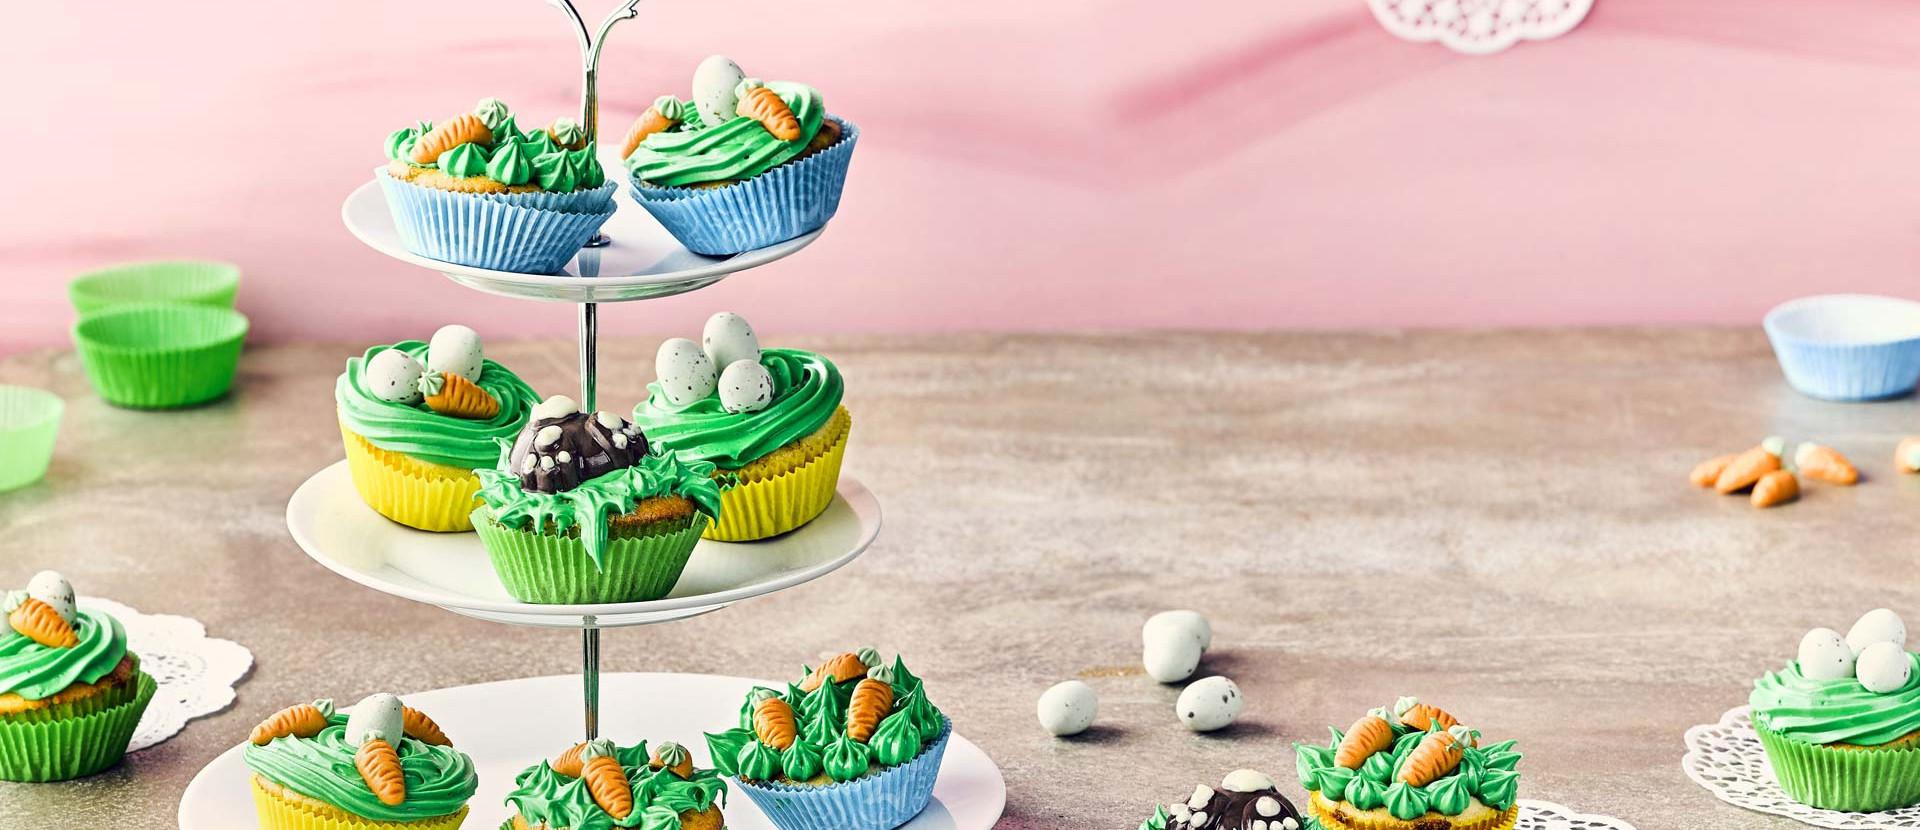 Cupcakes bunt auf Etagere